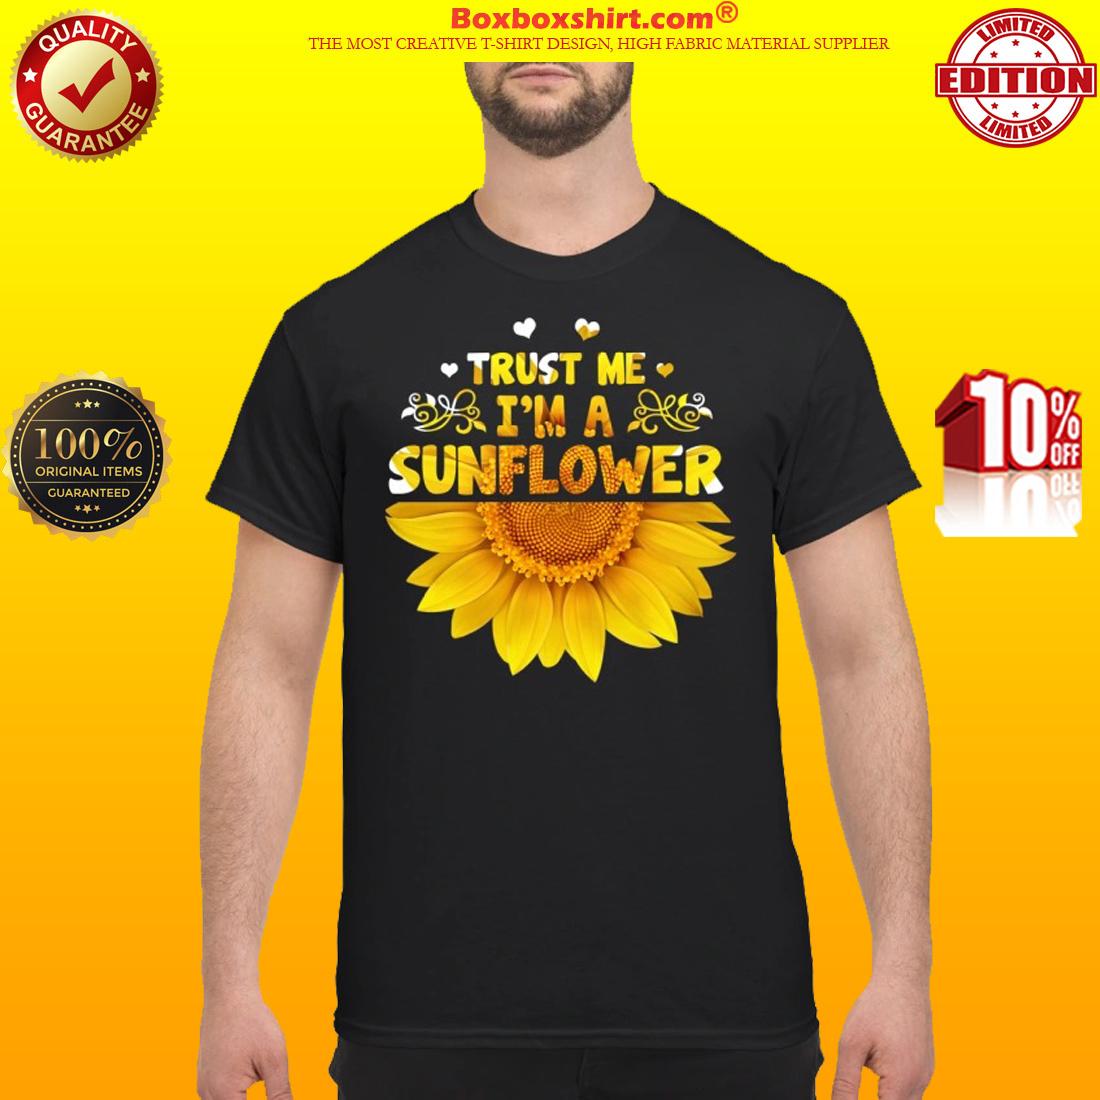 Trust me I'm a sunflower shirt